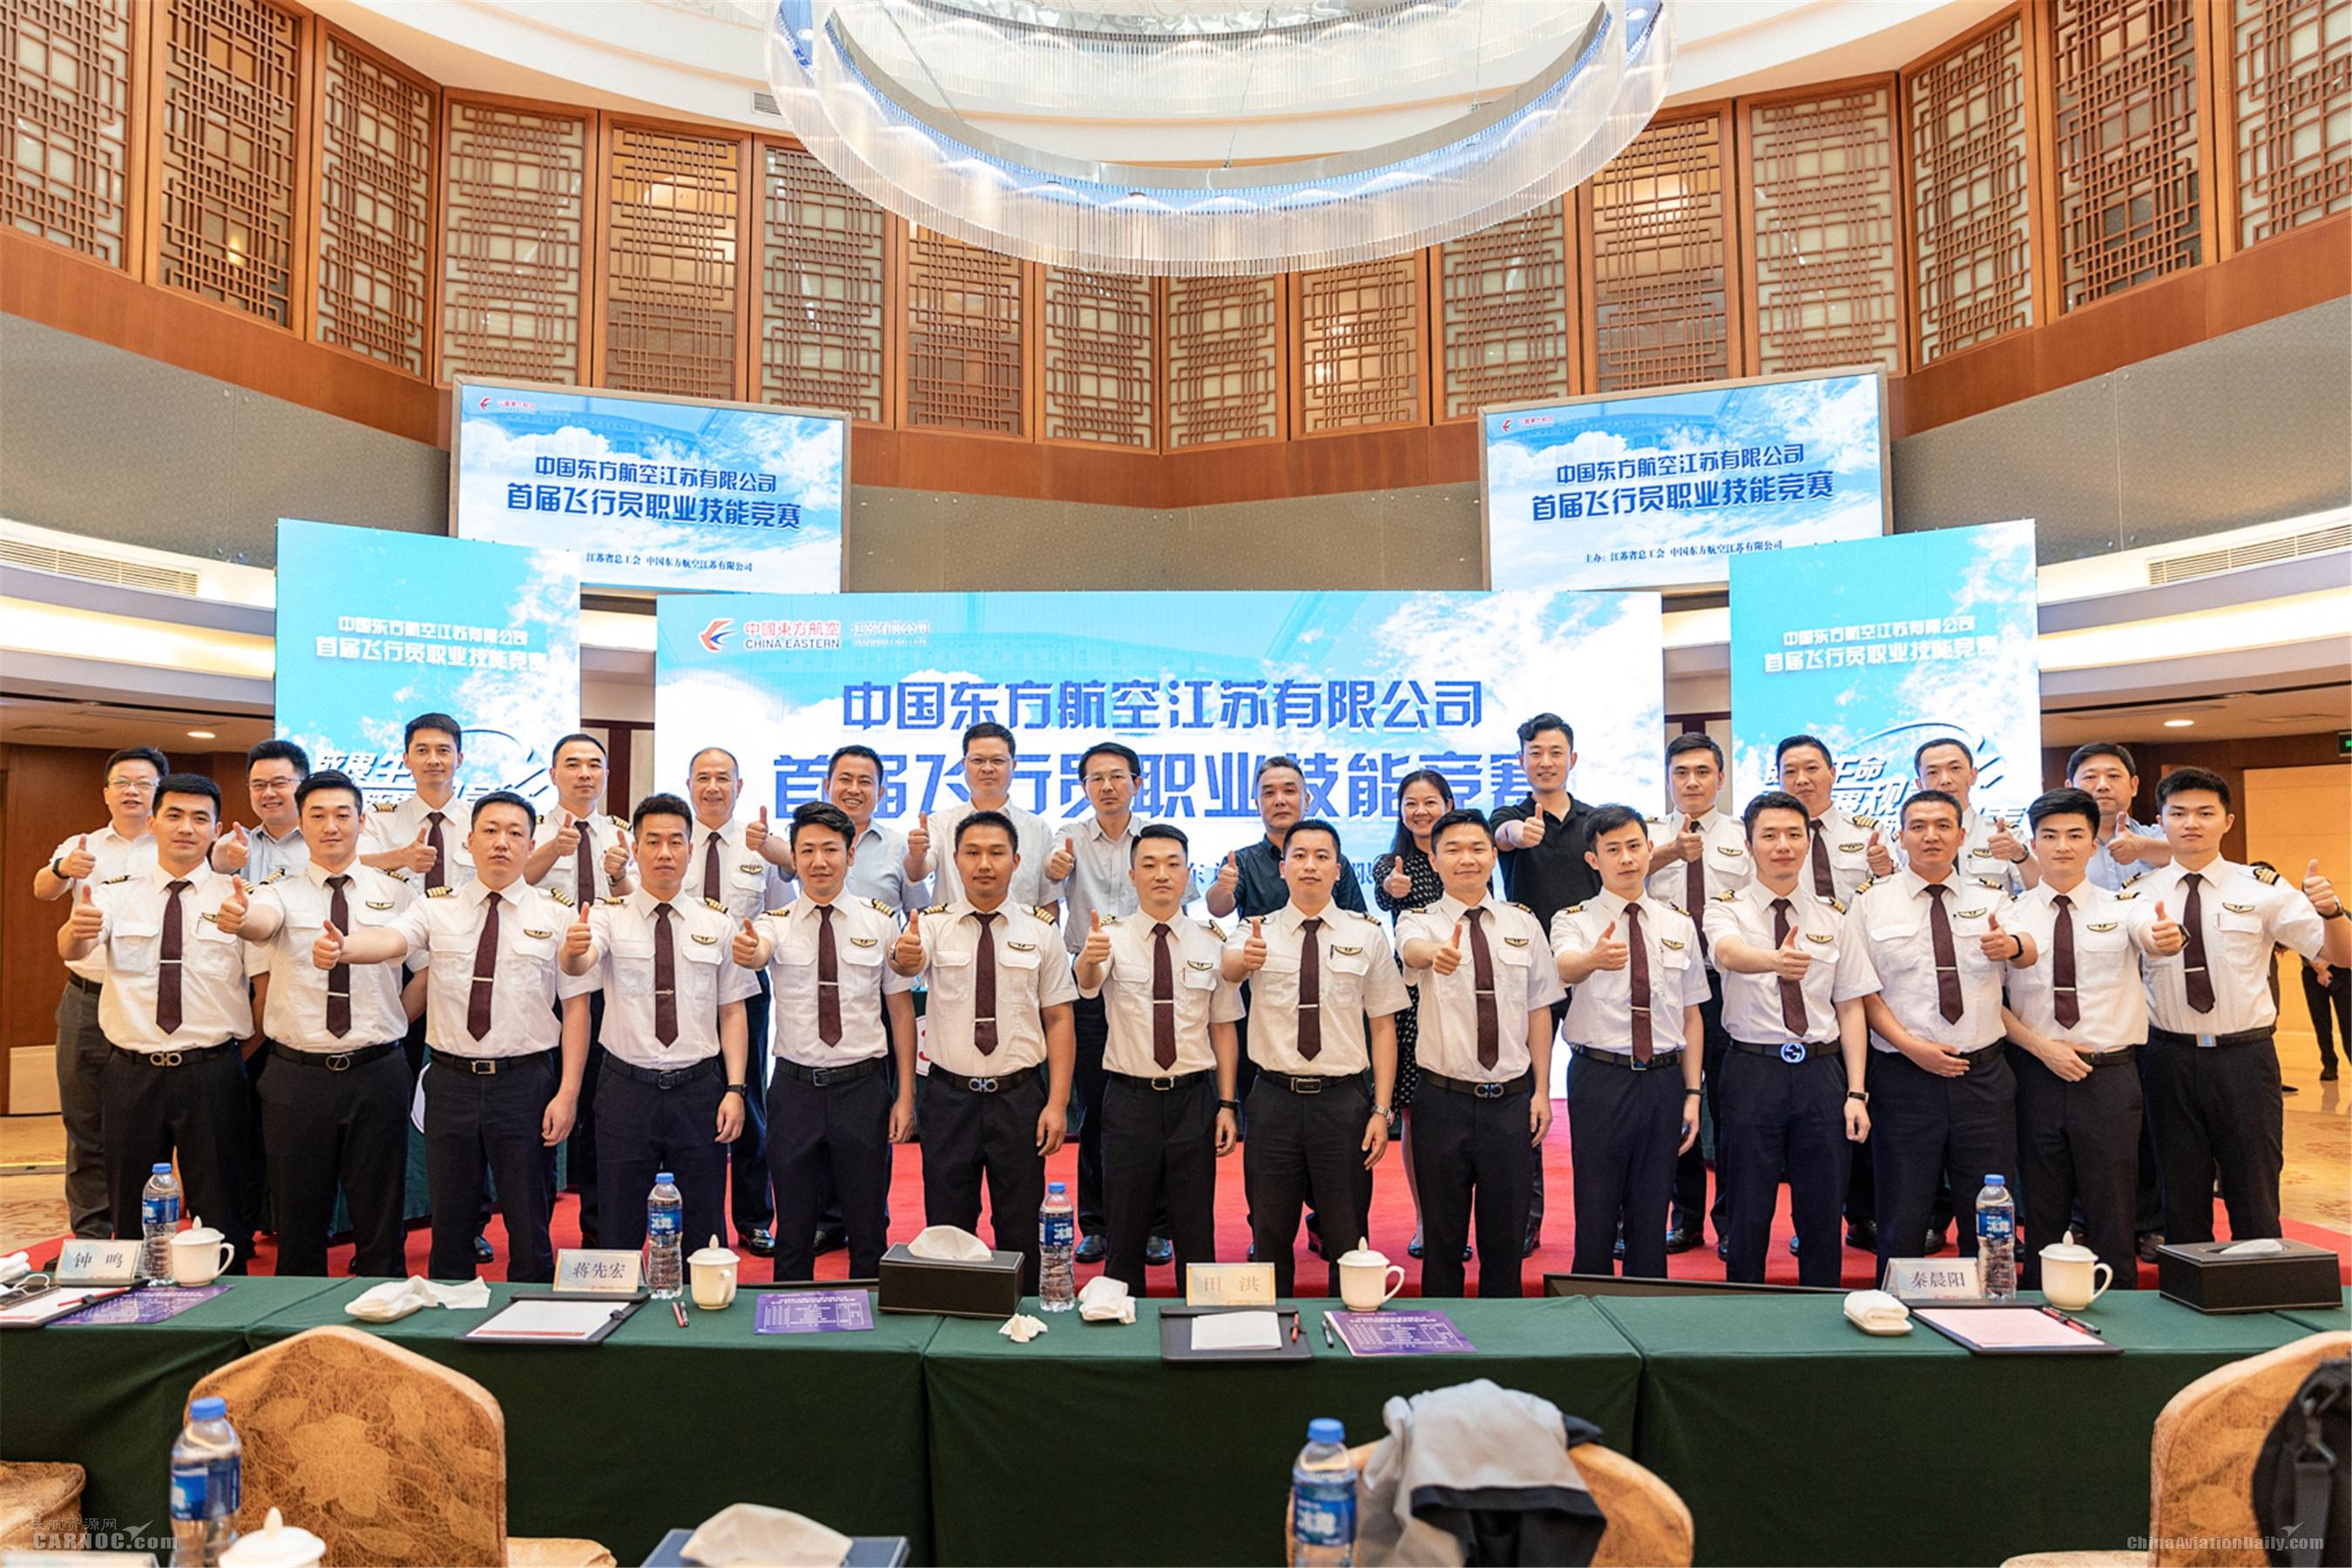 东航江苏公司举办首届飞行员职业技能竞赛